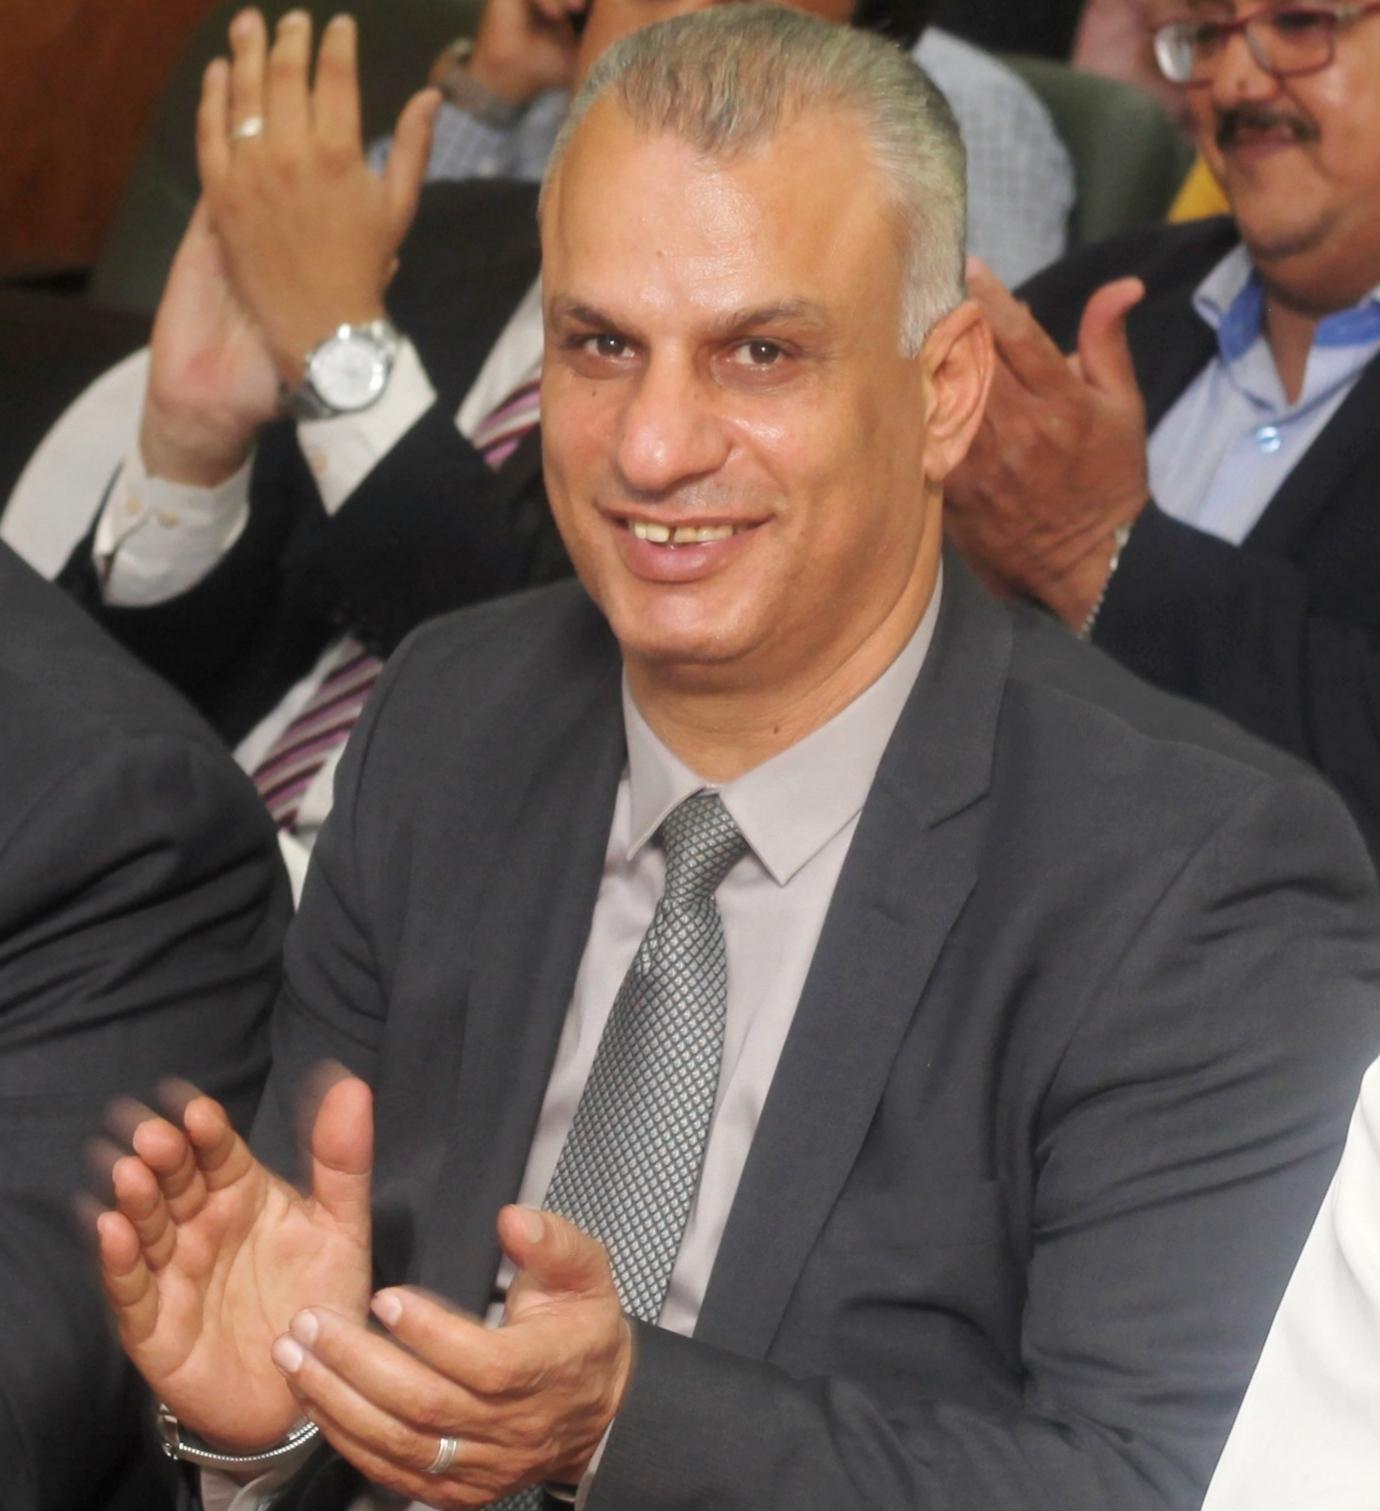 المستشار: صبري حسين - مرشحا لعضوية مجلس إدارة نادي ٦أكتوبر الرياضي